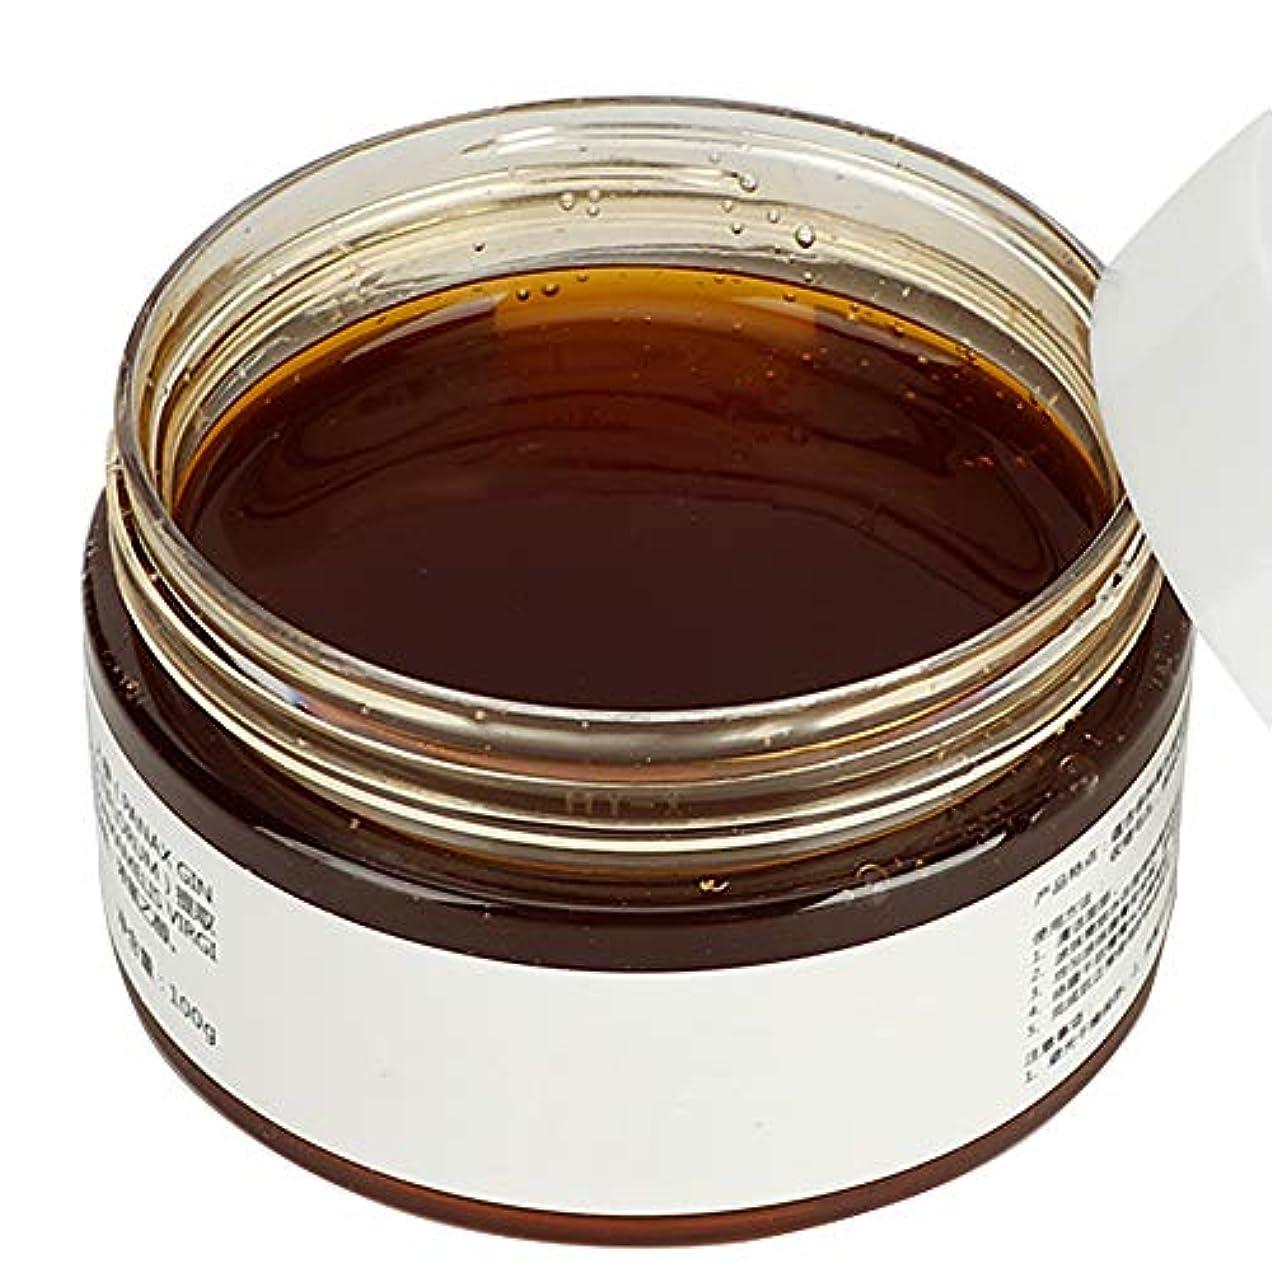 ビーズ体ランプスキンケア用マスク、角質除去マスク、毛穴、ニキビ、角質、ニキビ、水分補給、ミネラルオーガニック製品